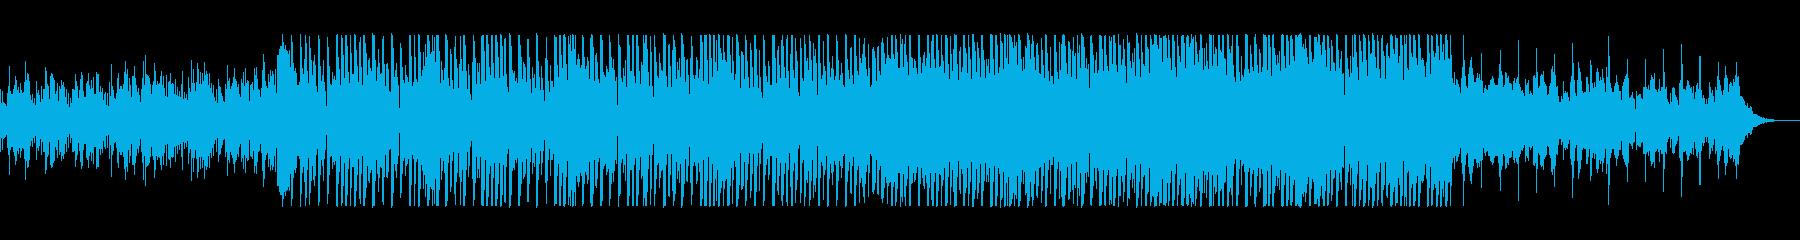 疾走感のあるピアノシンセサイザーサウンドの再生済みの波形